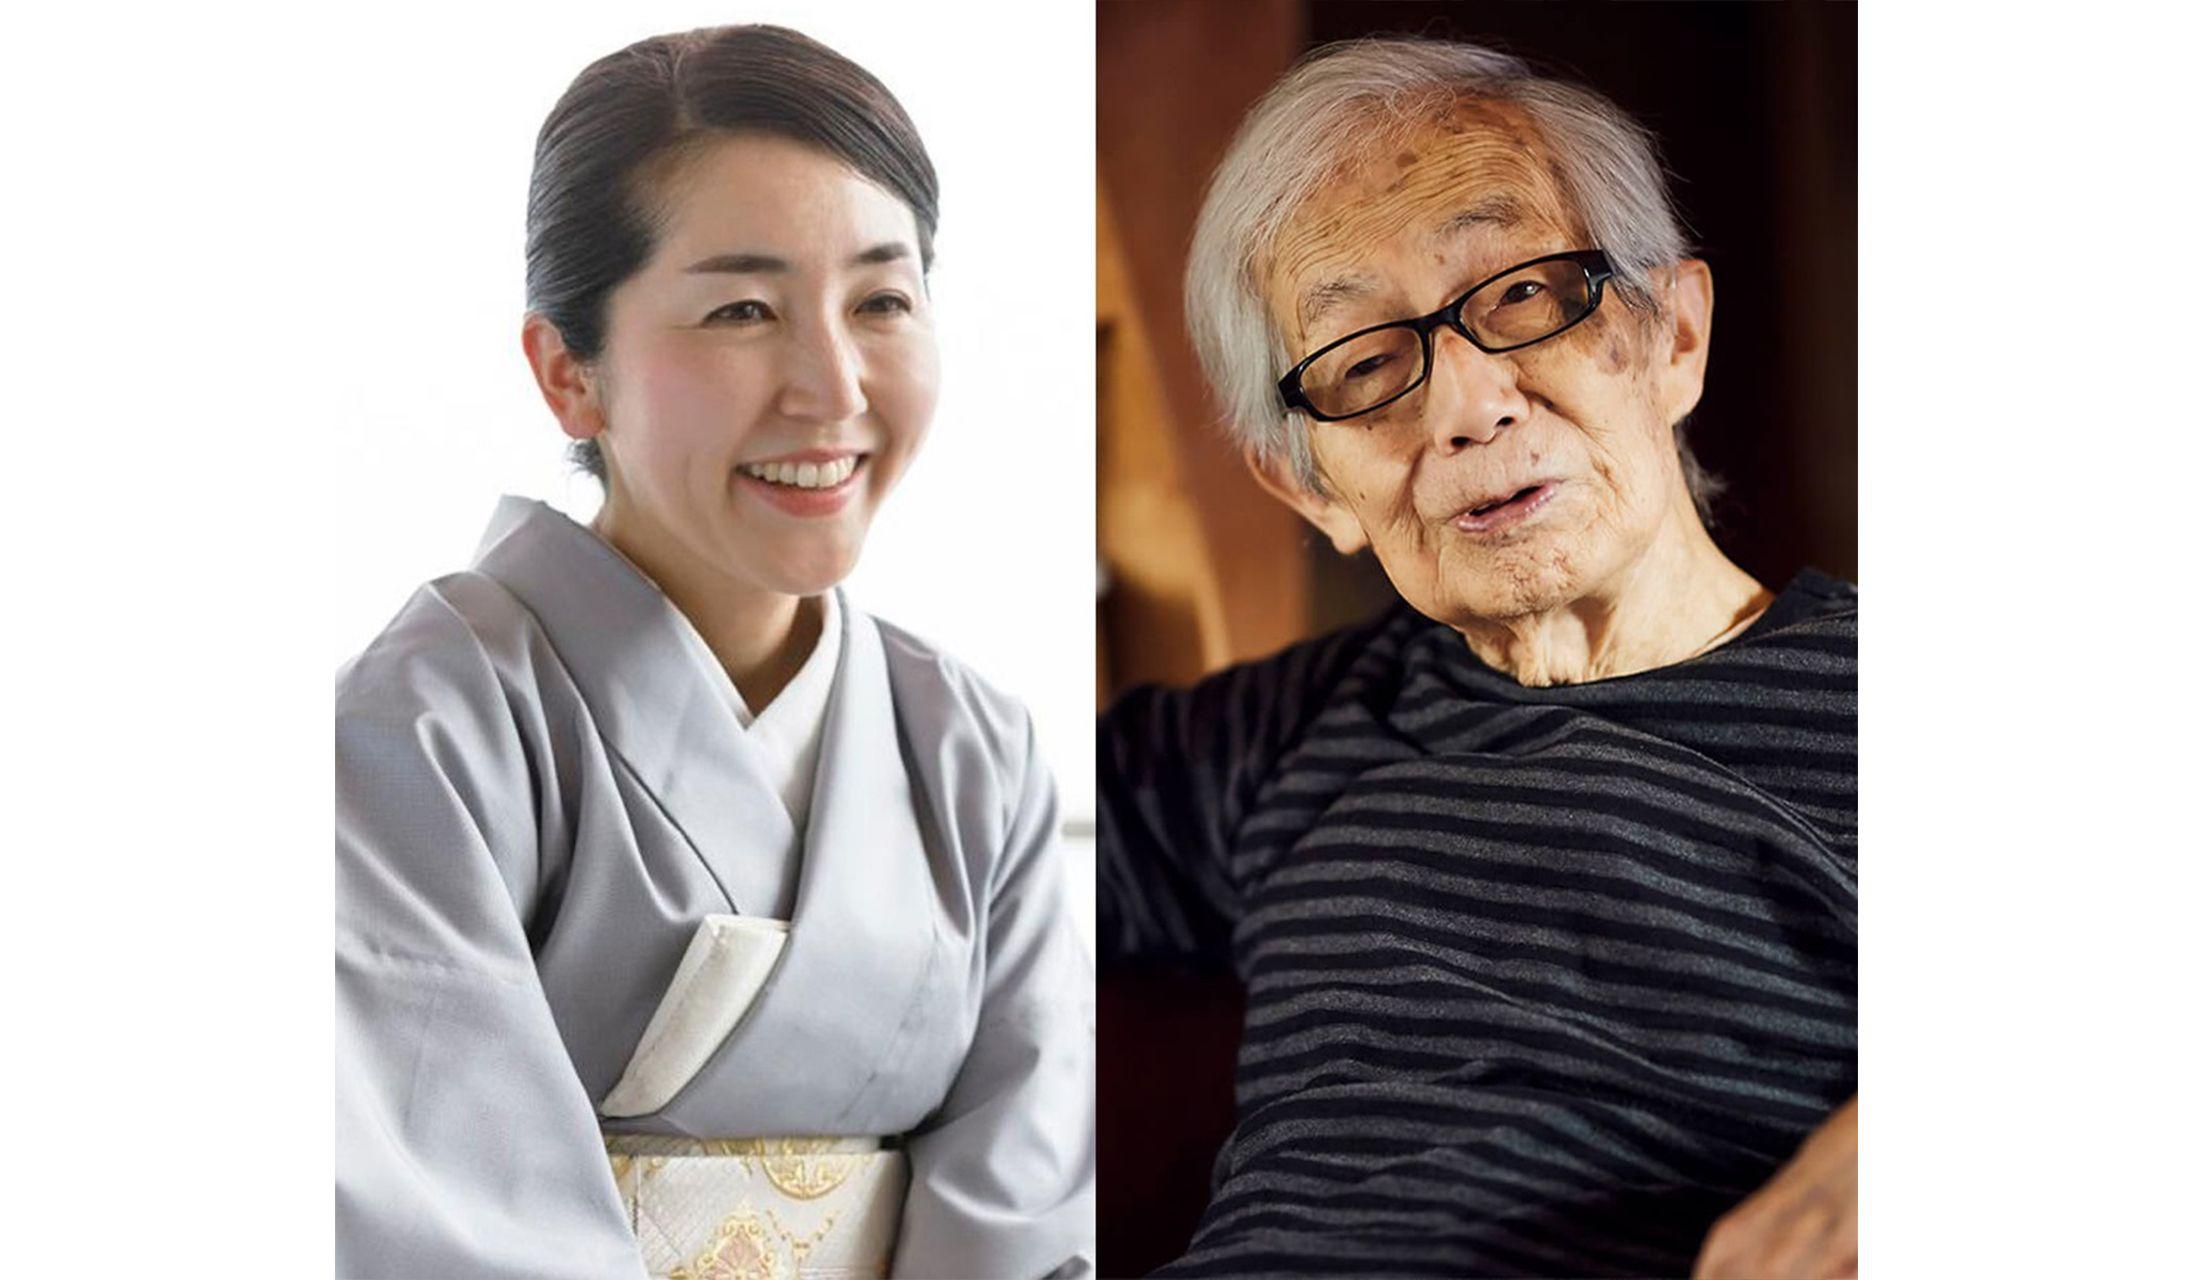 左は加賀屋の若女将を務める小田絵里香さん、右は染色家・柚木沙弥郎さん